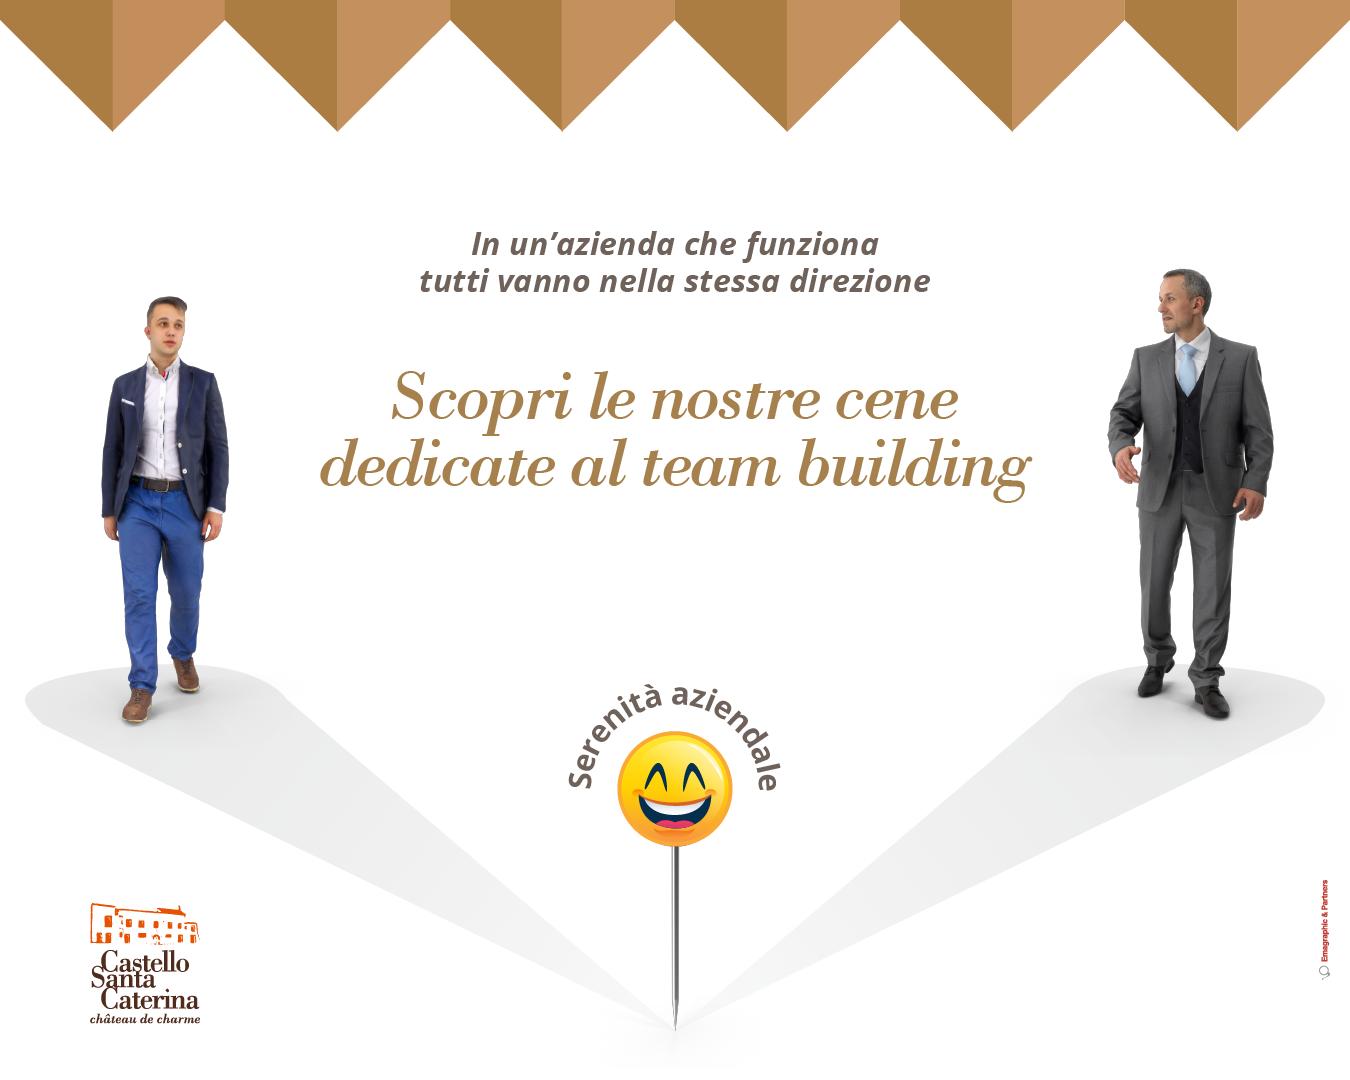 Cena aziendale: team building per motivare i dipendenti